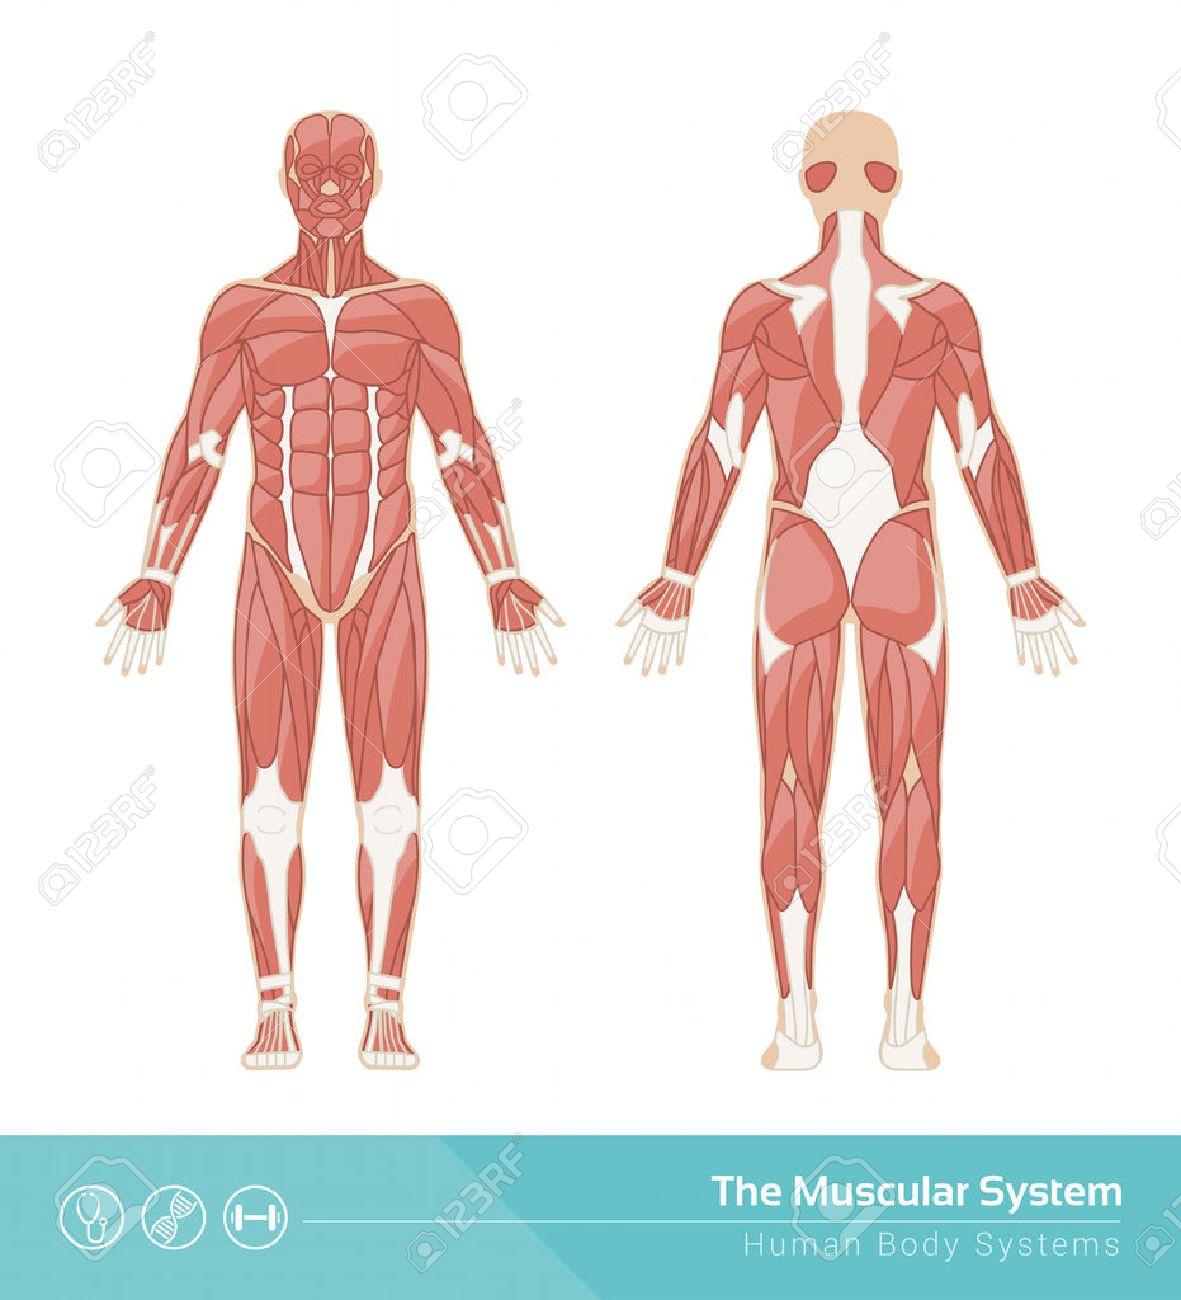 La Ilustración Humana Musculoso Sistema De Vector, Vista Frontal Y ...